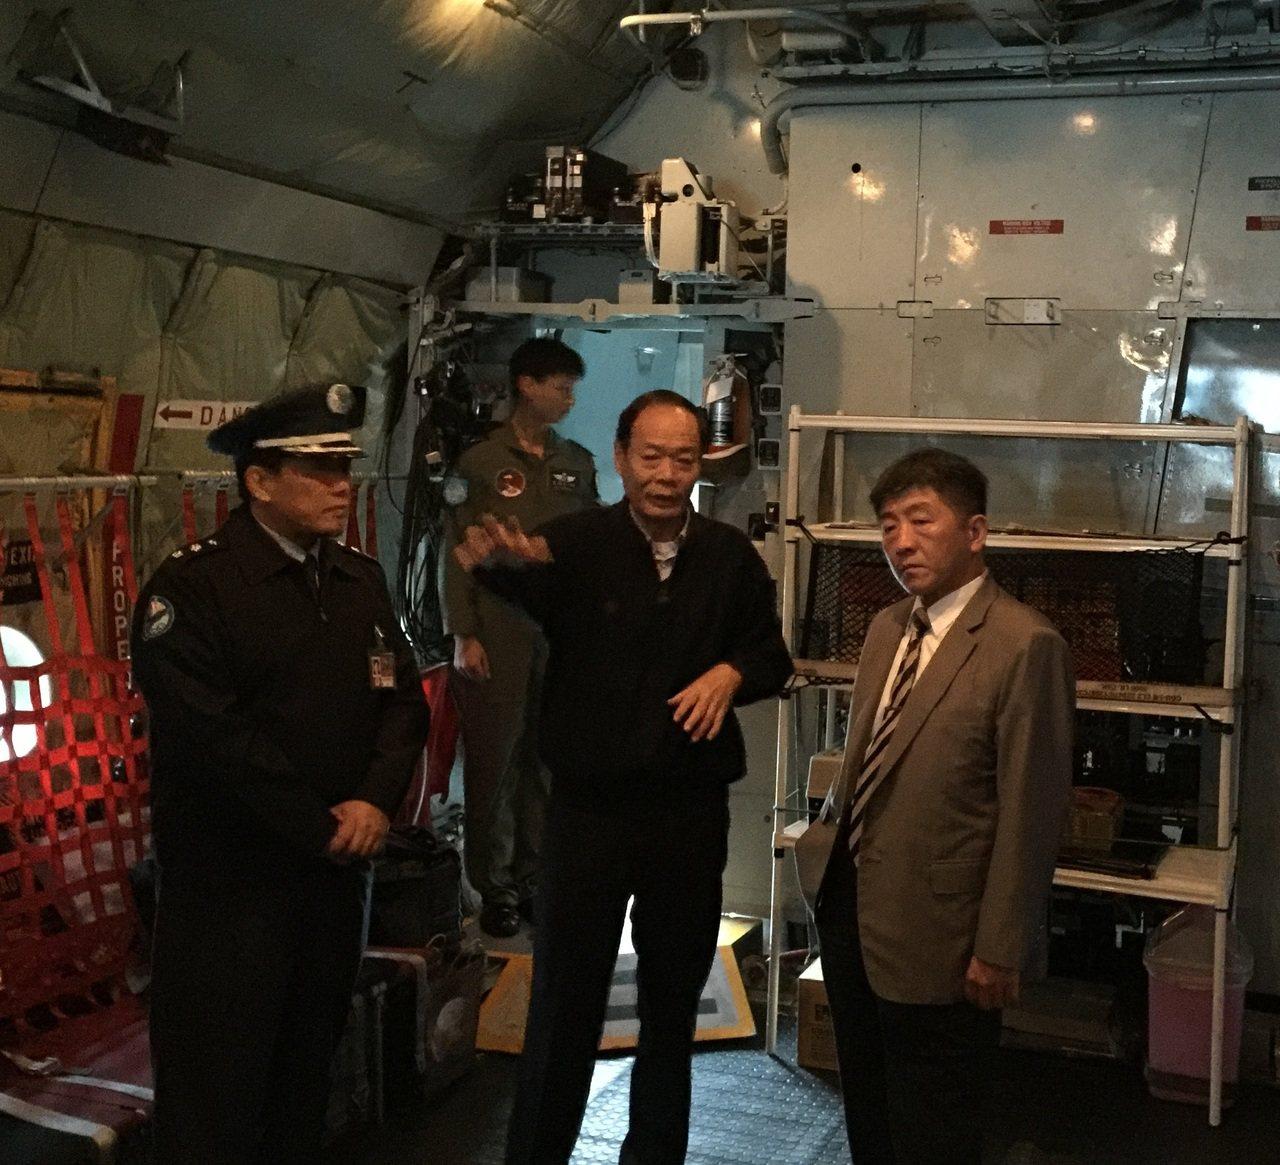 海巡署長李仲威(中)與衛福部部長陳時中(右)於C-130飛機研討救護維生系統配置...